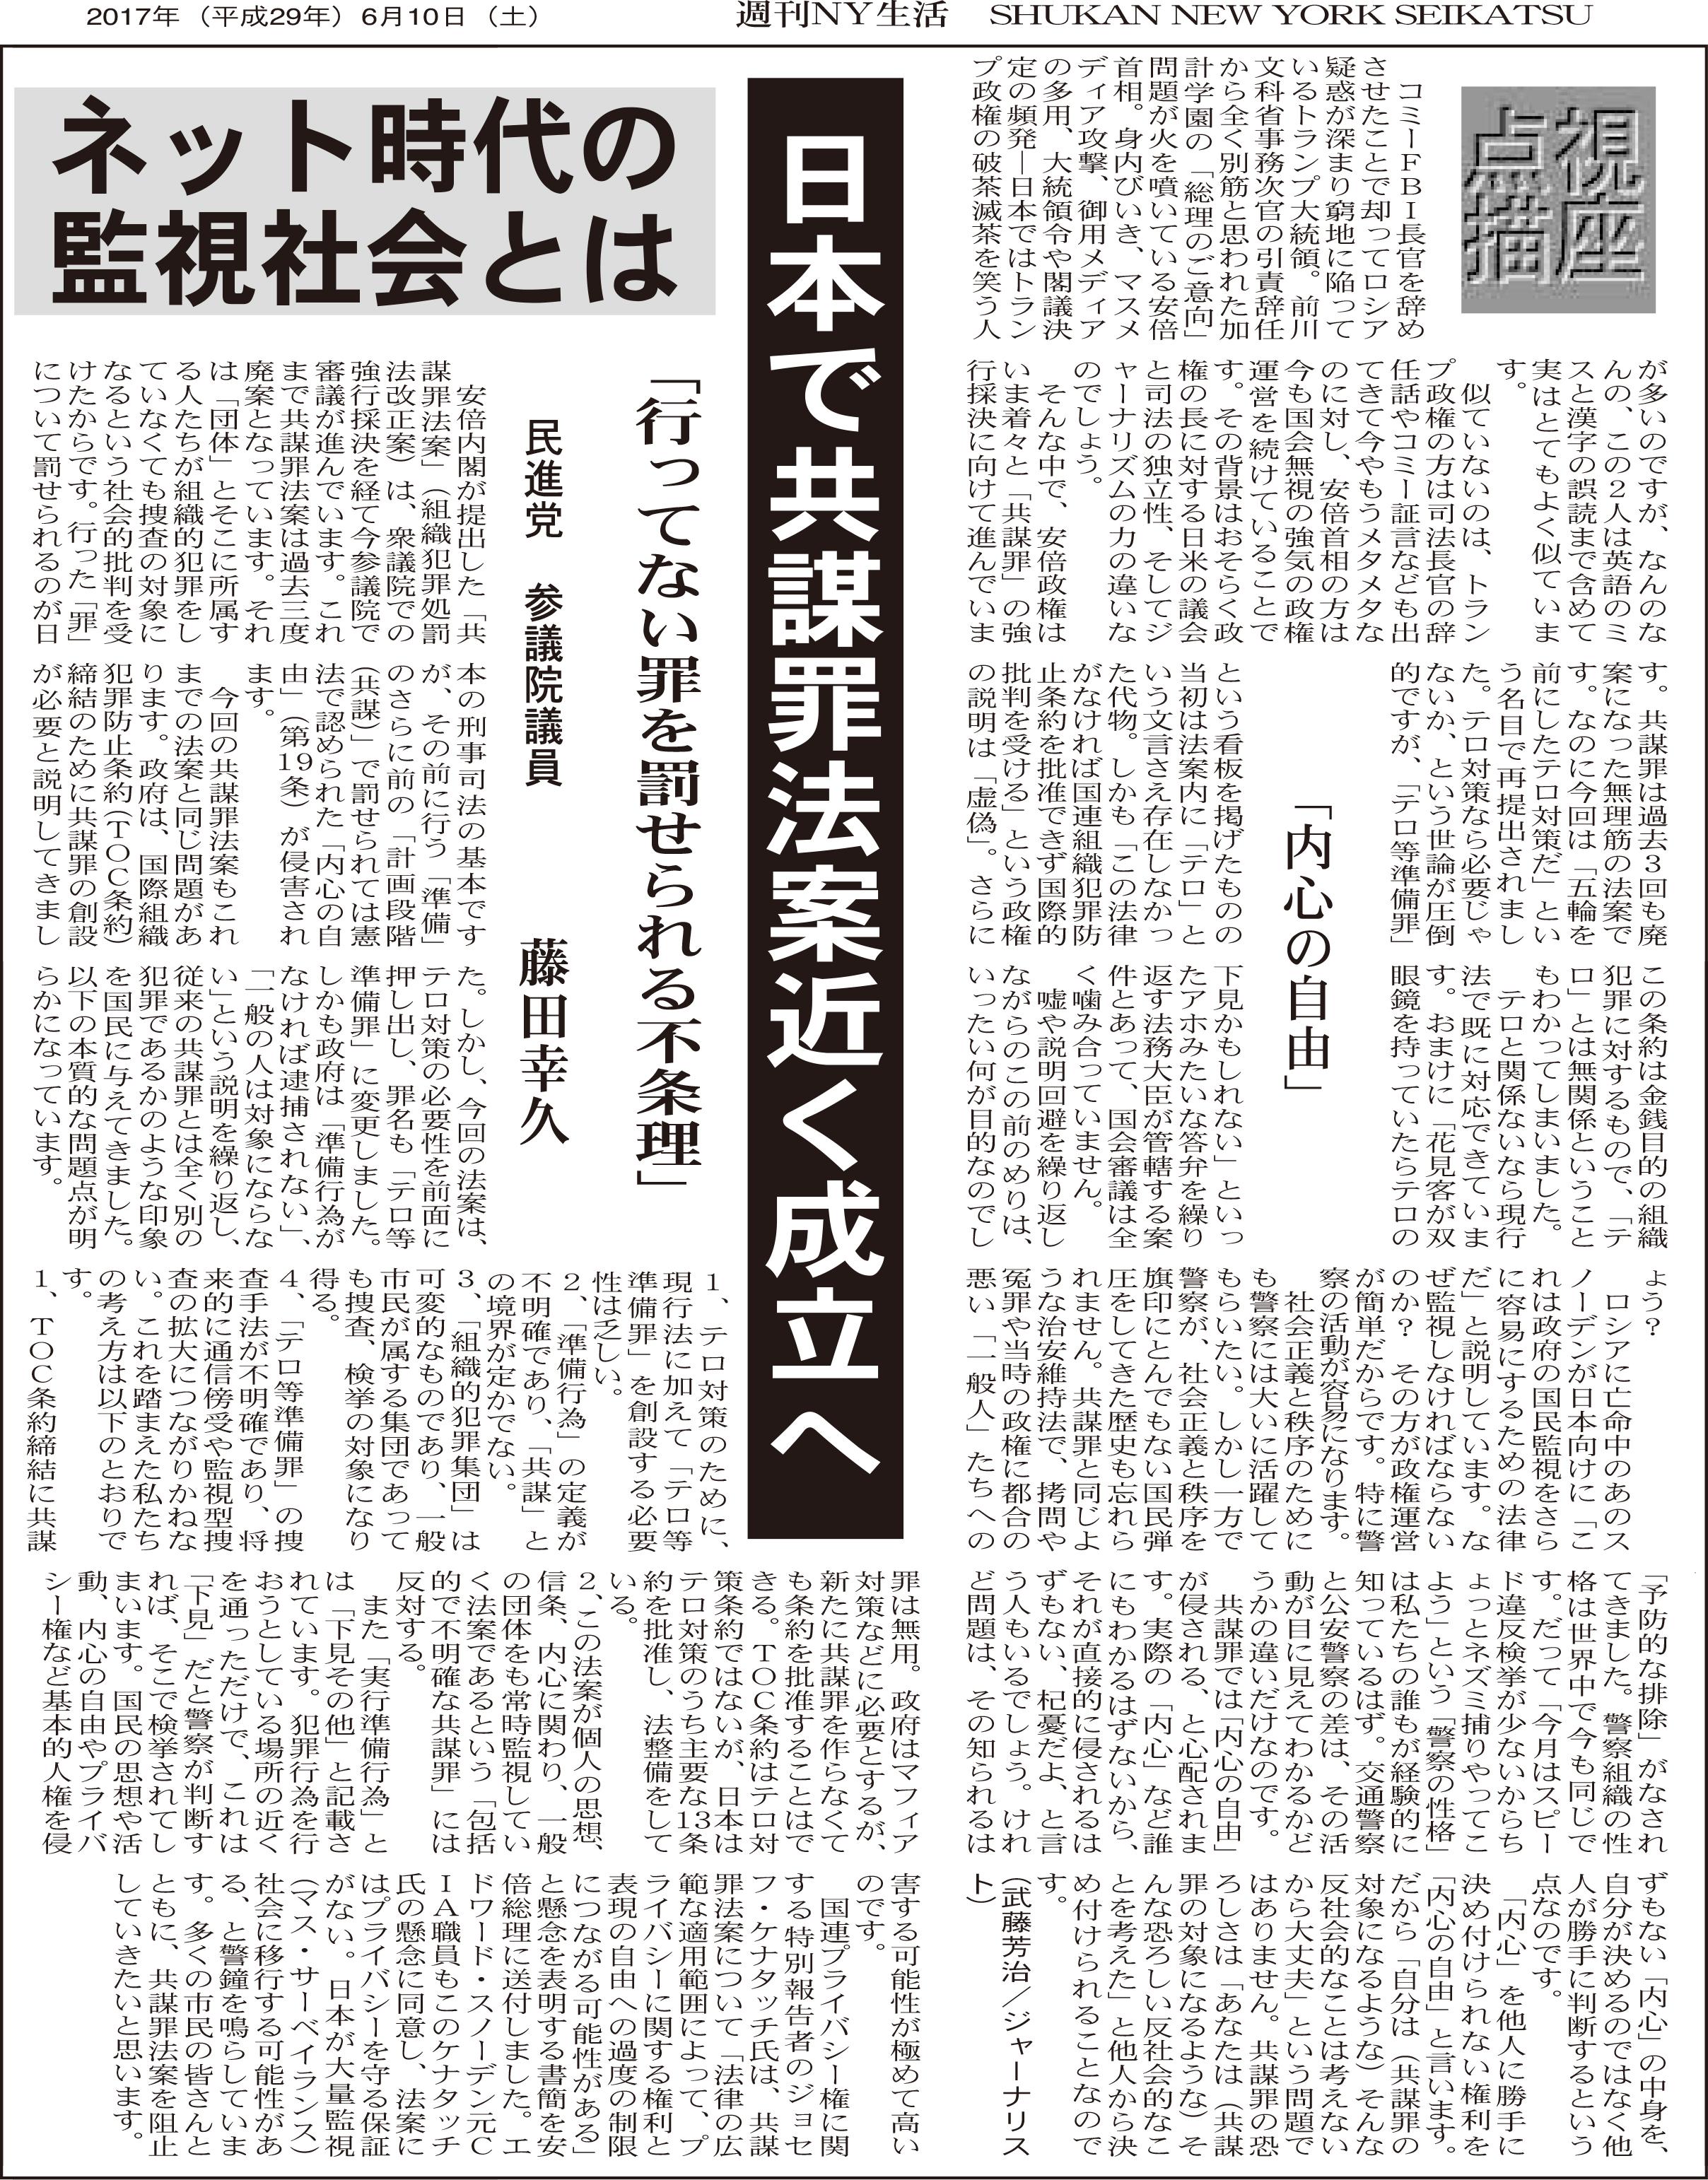 【週刊NY生活】日本で共謀罪法案近く成立へ「行ってない罪を罰せられる不条理」